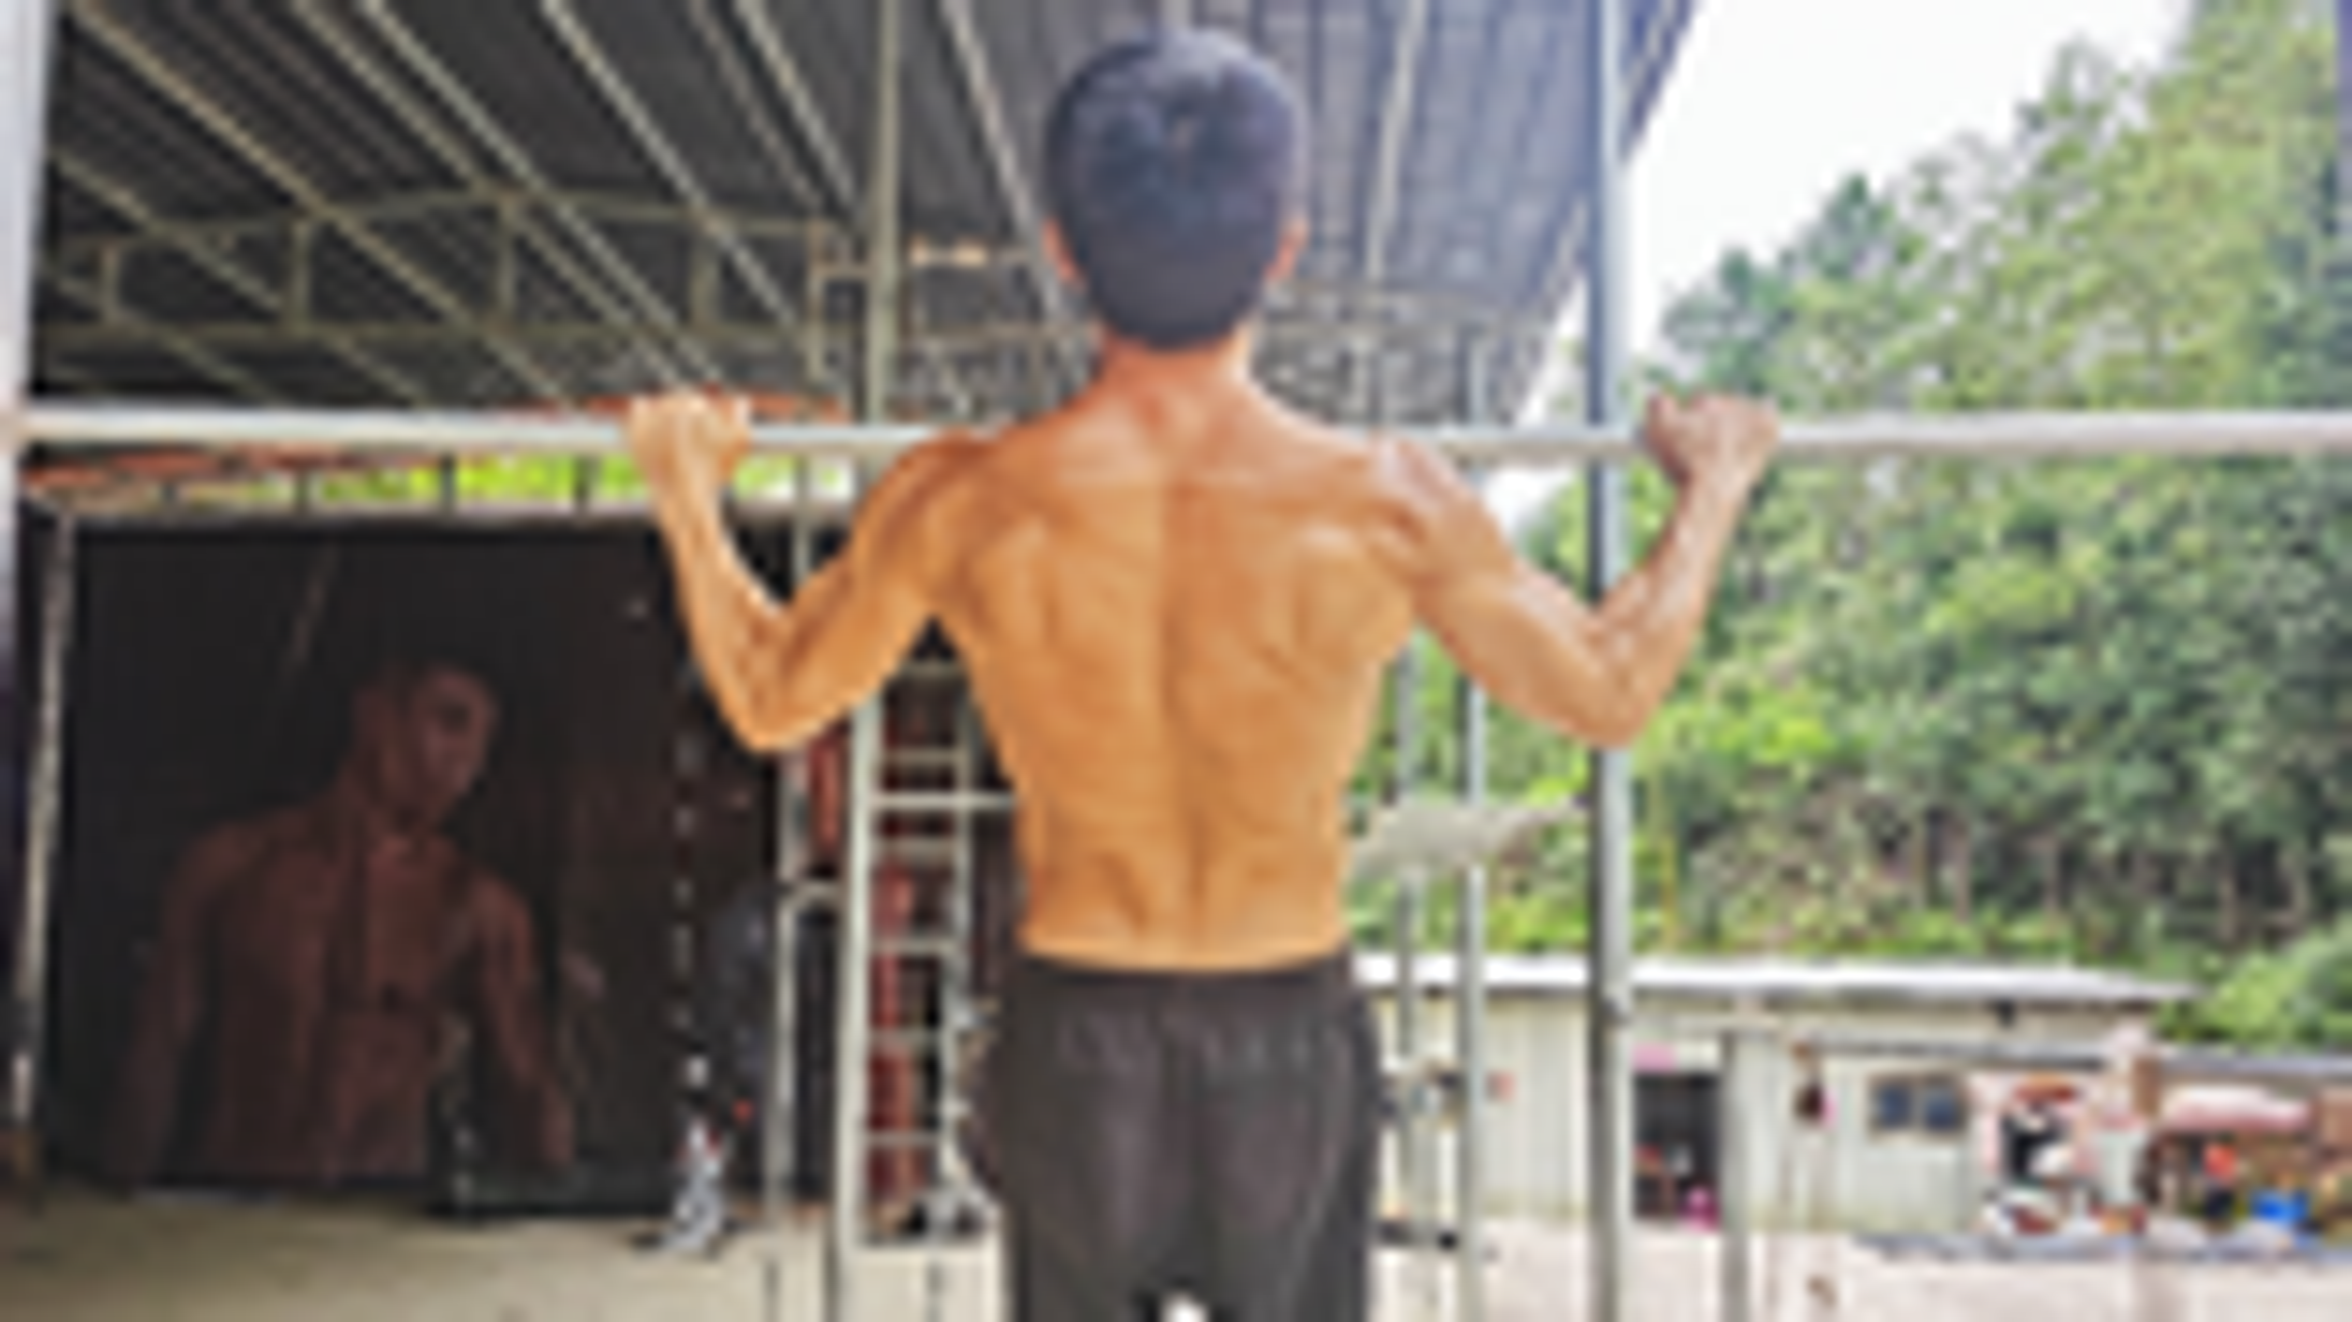 引体向上练背应该怎么拉,不同的拉法,训练到的肌肉群也不同